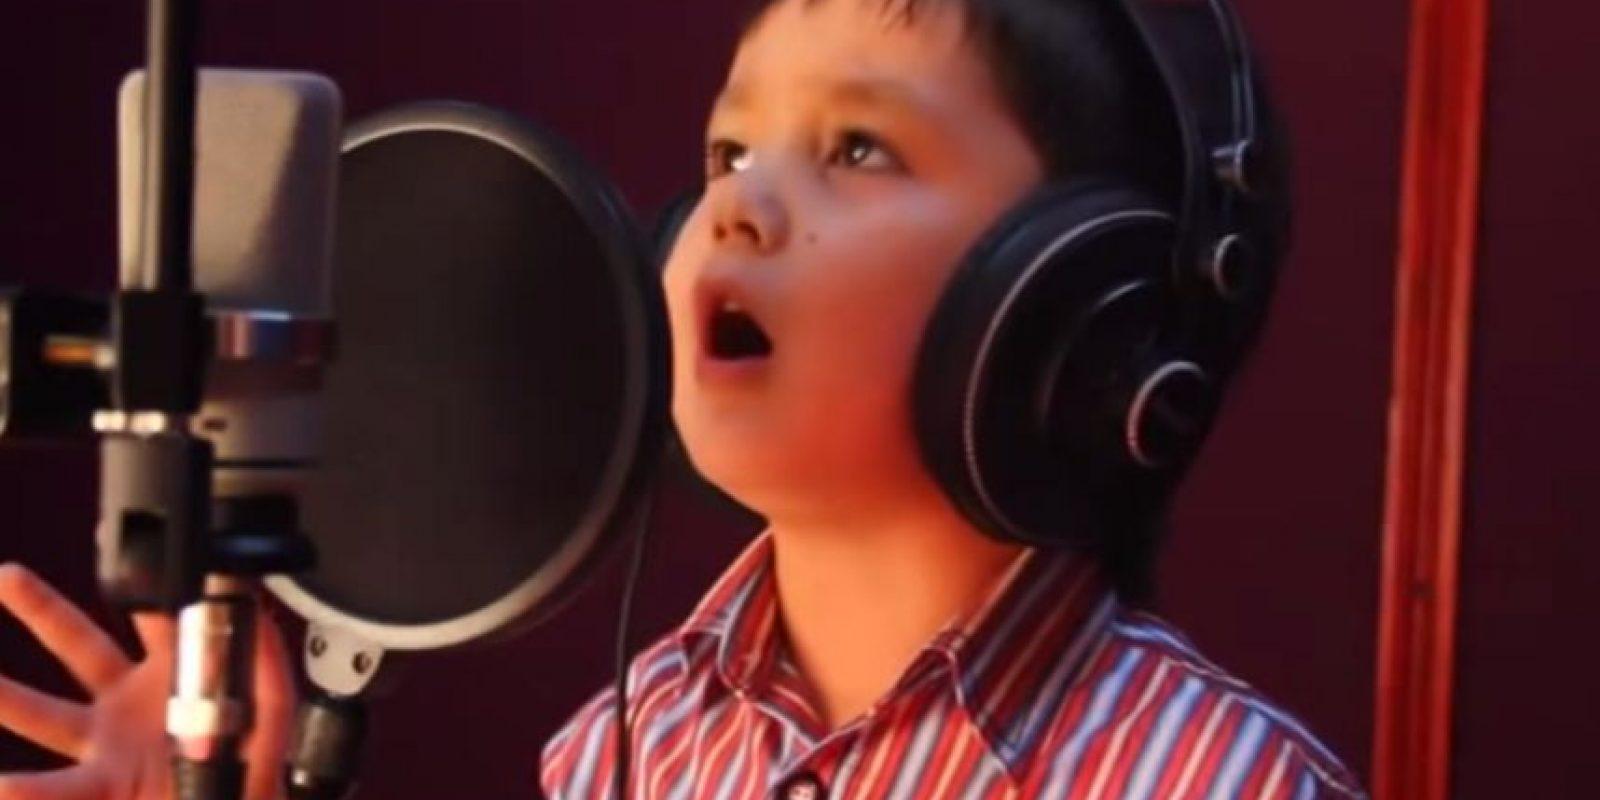 Es dueño de una gran voz Foto:Youtube No-Racism